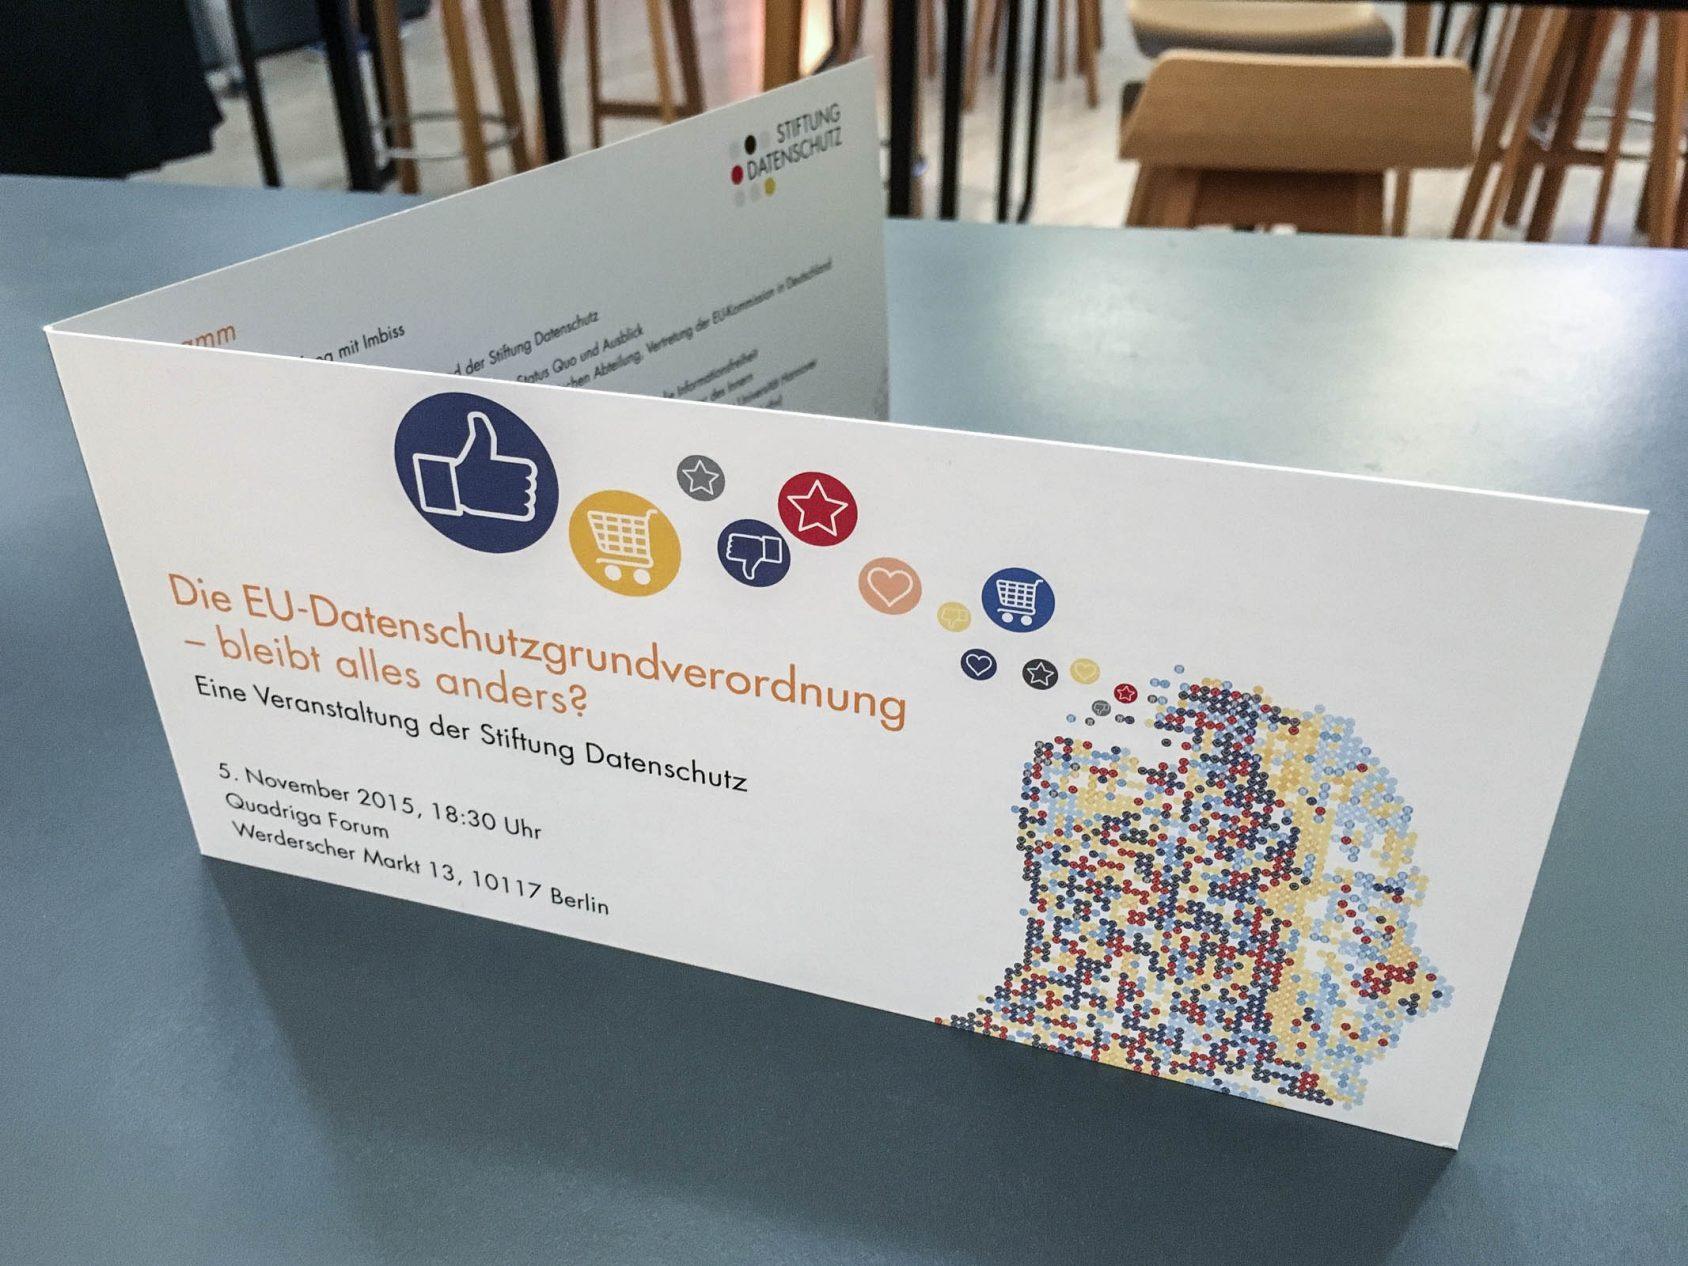 Datenschutzrecht, EU, Datenschutzgrundverordnung, Stiftung Datenschutz, Berlin